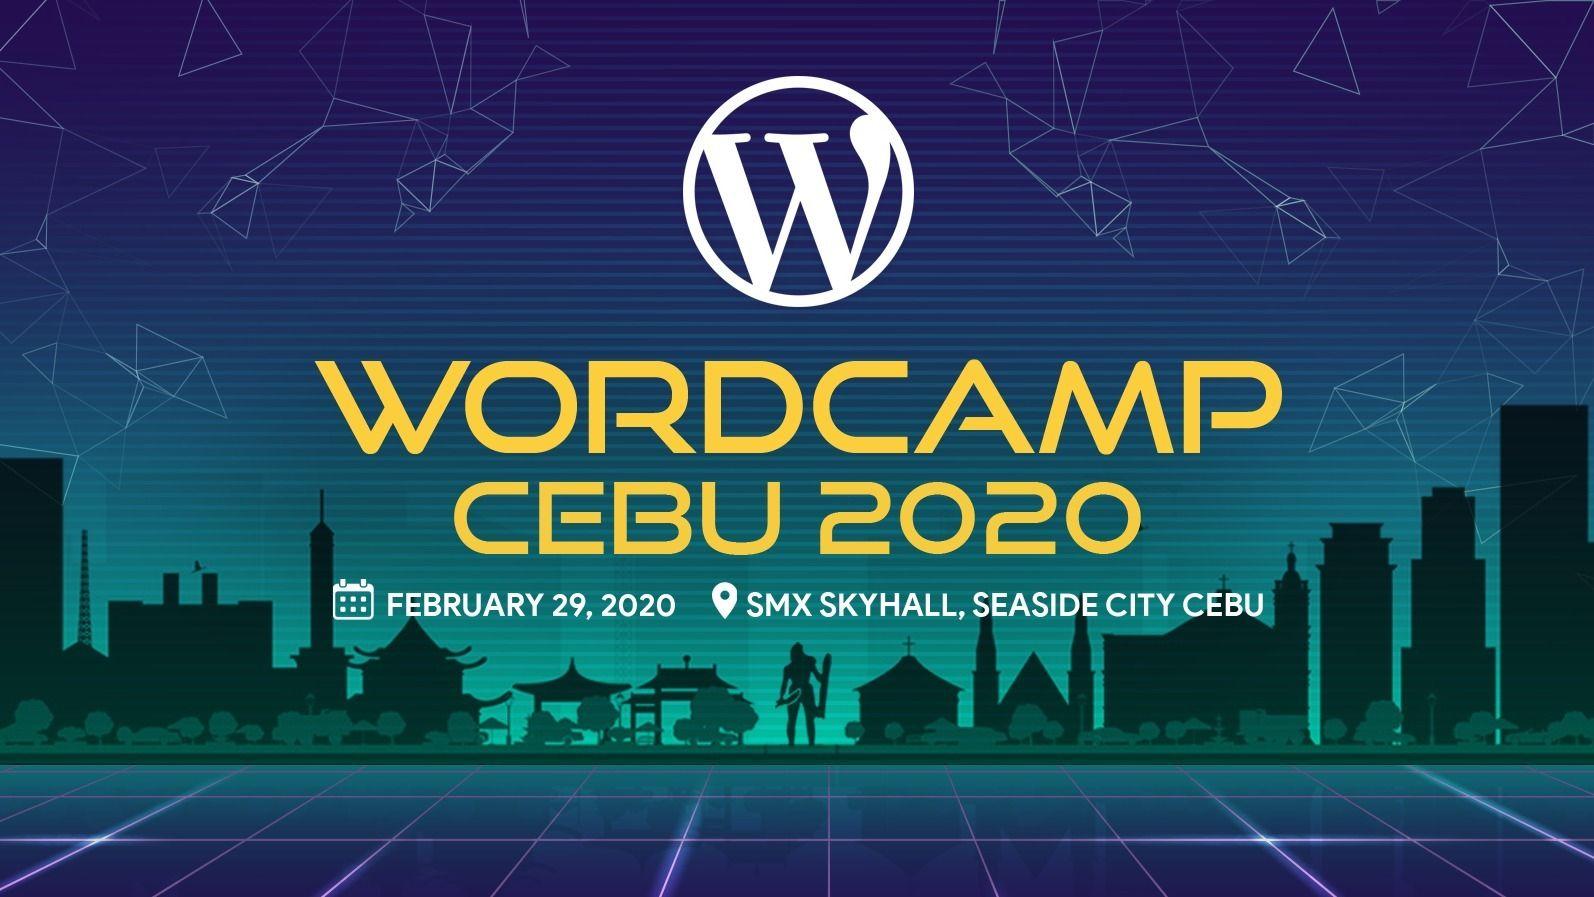 Cebu WordPress Meetup